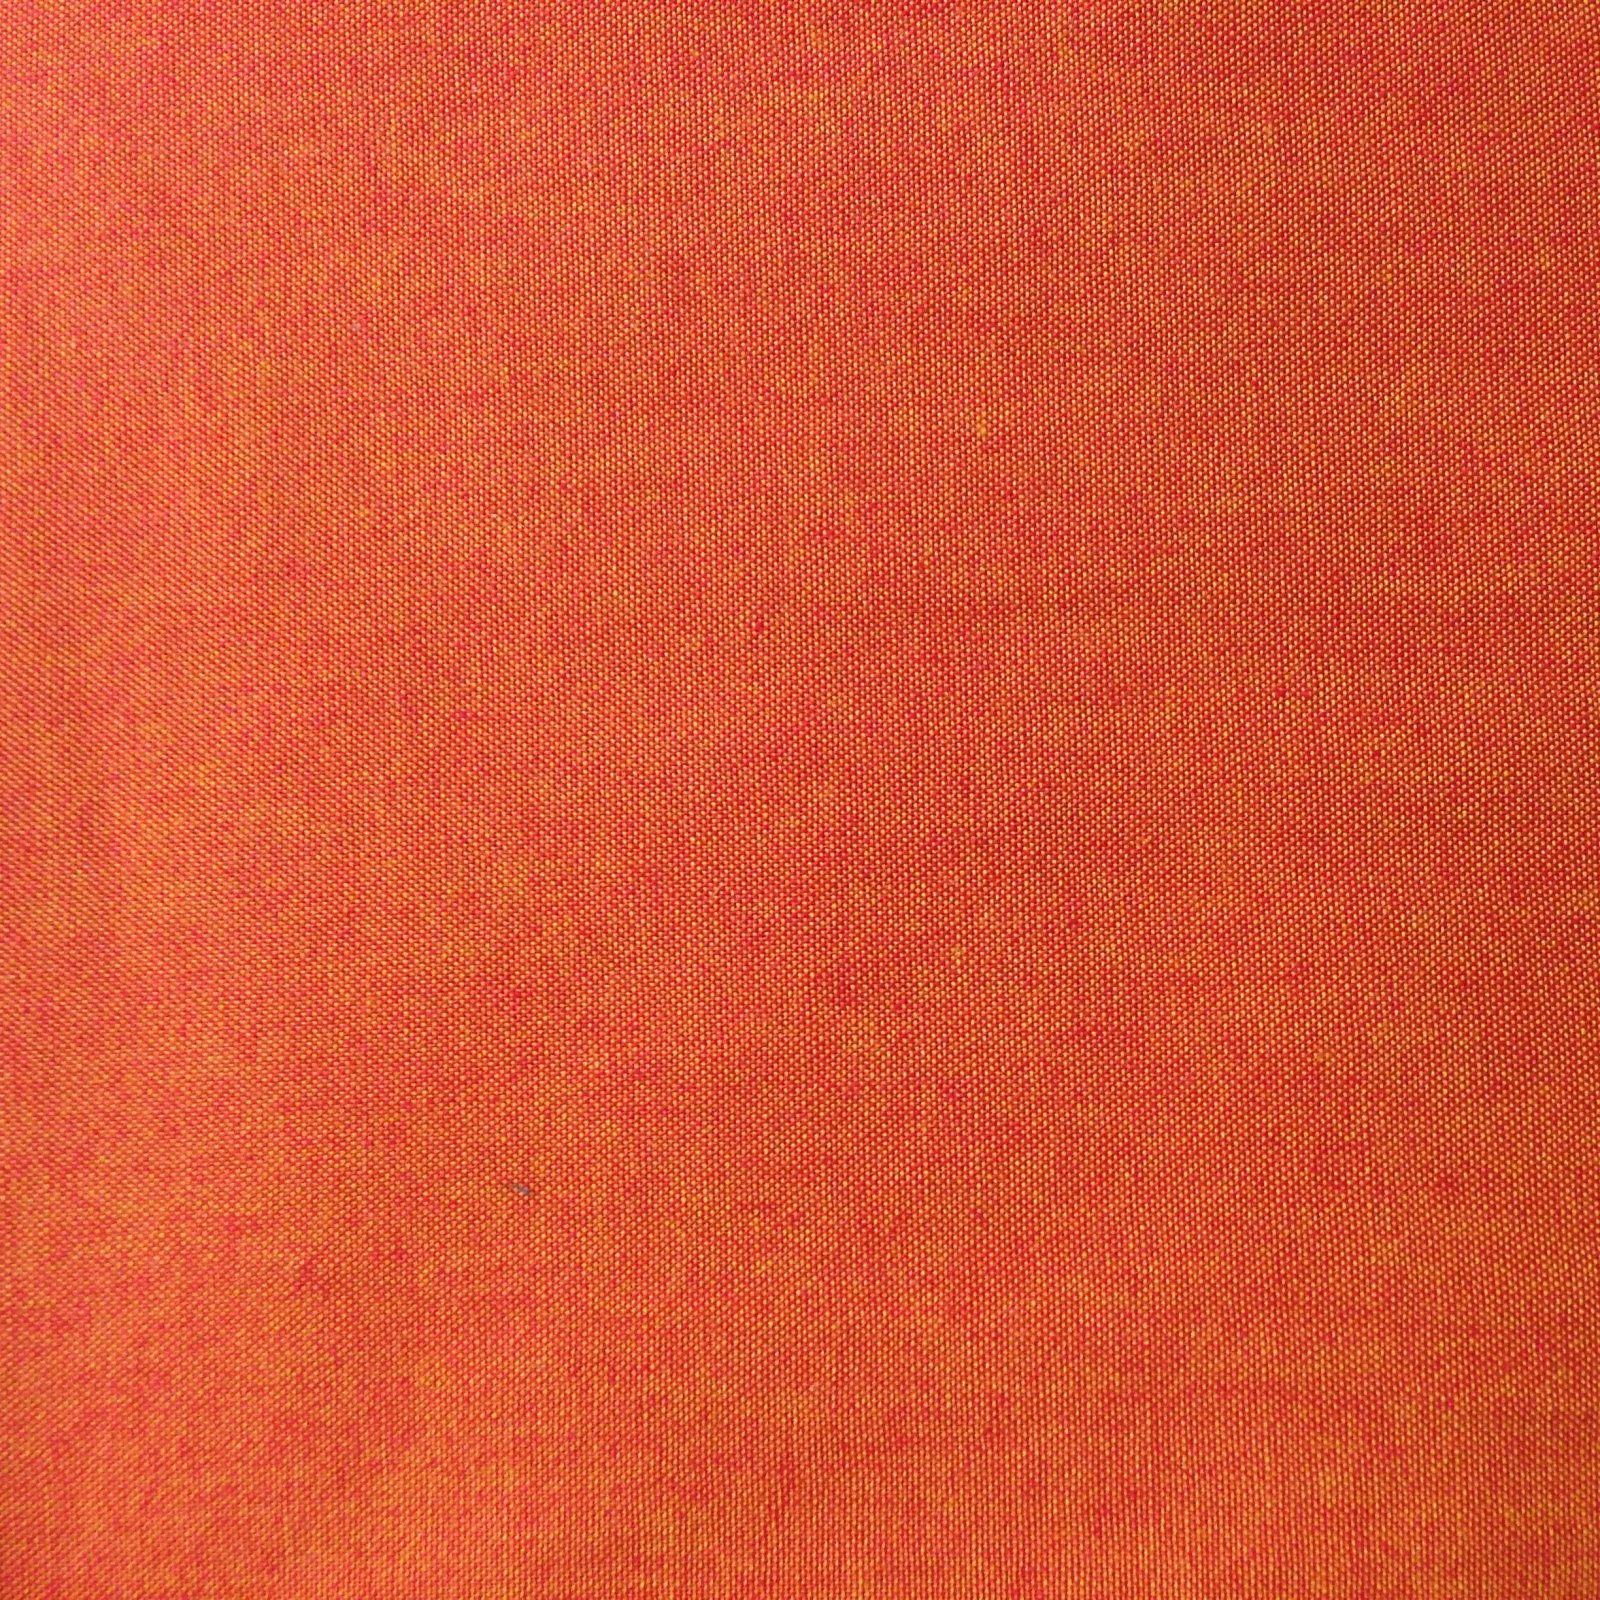 Kokka - Lightweight Canvas - Orange